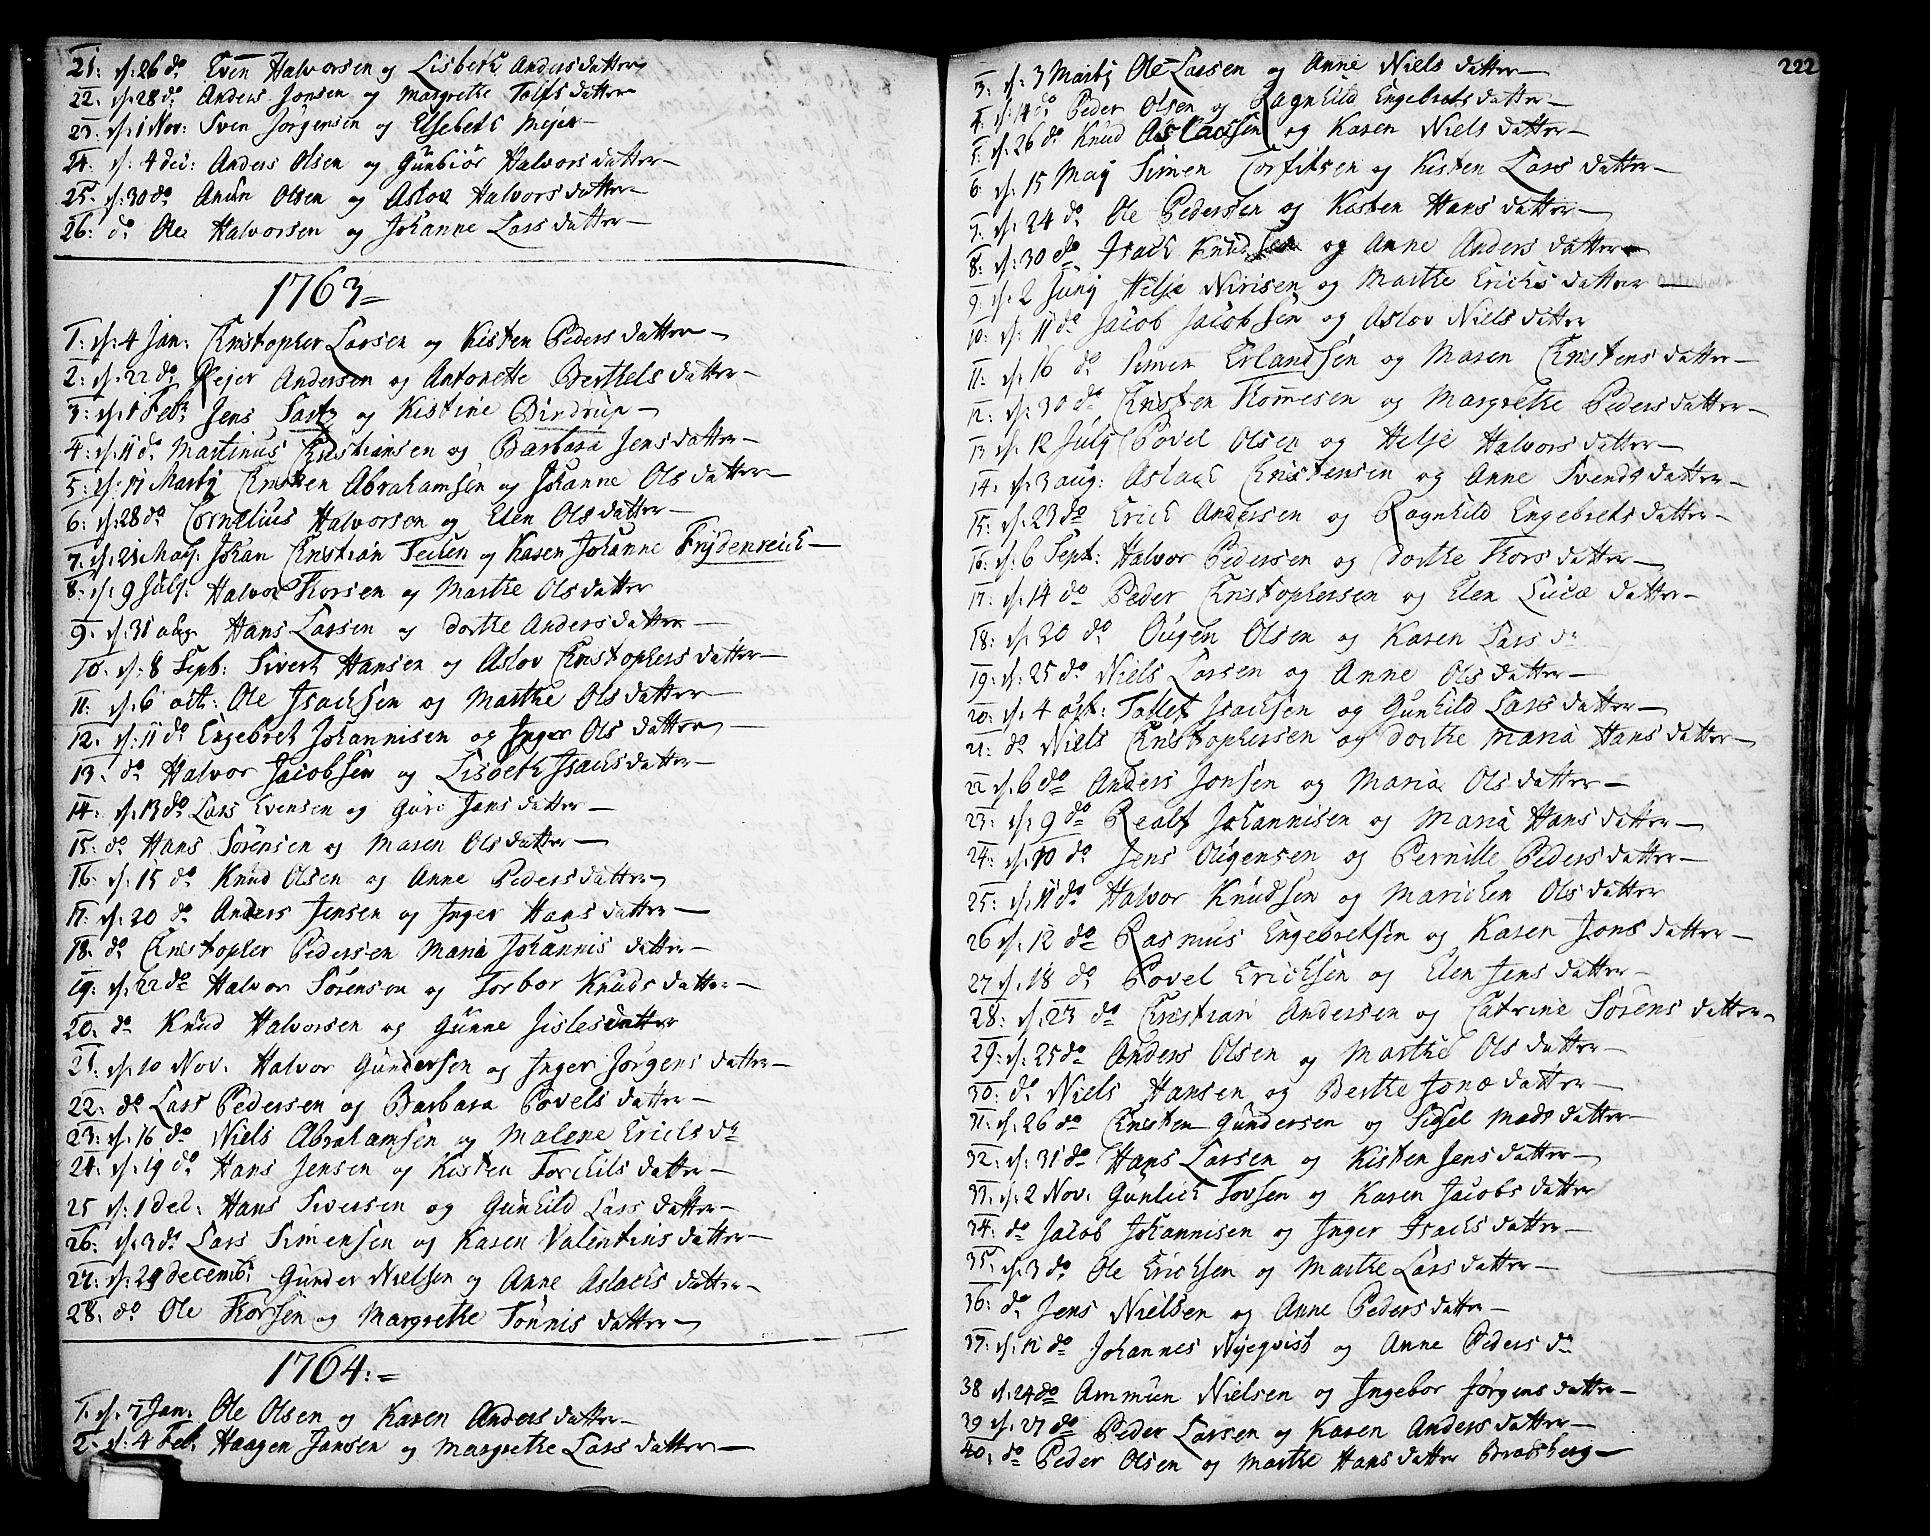 SAKO, Gjerpen kirkebøker, F/Fa/L0002: Ministerialbok nr. 2, 1747-1795, s. 222